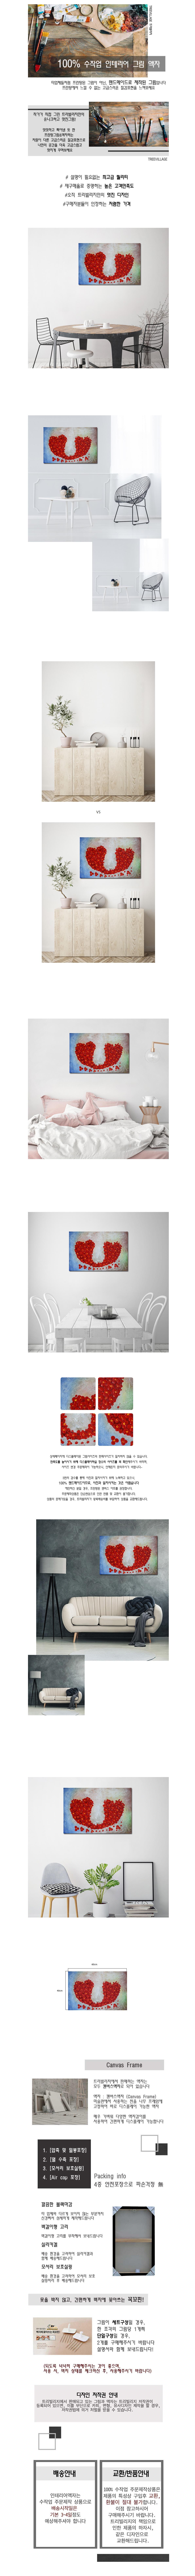 예쁜 추상화 거실 인테리어 그림액자 트리빌리지 - 나무마을, 74,000원, 홈갤러리, 캔버스아트